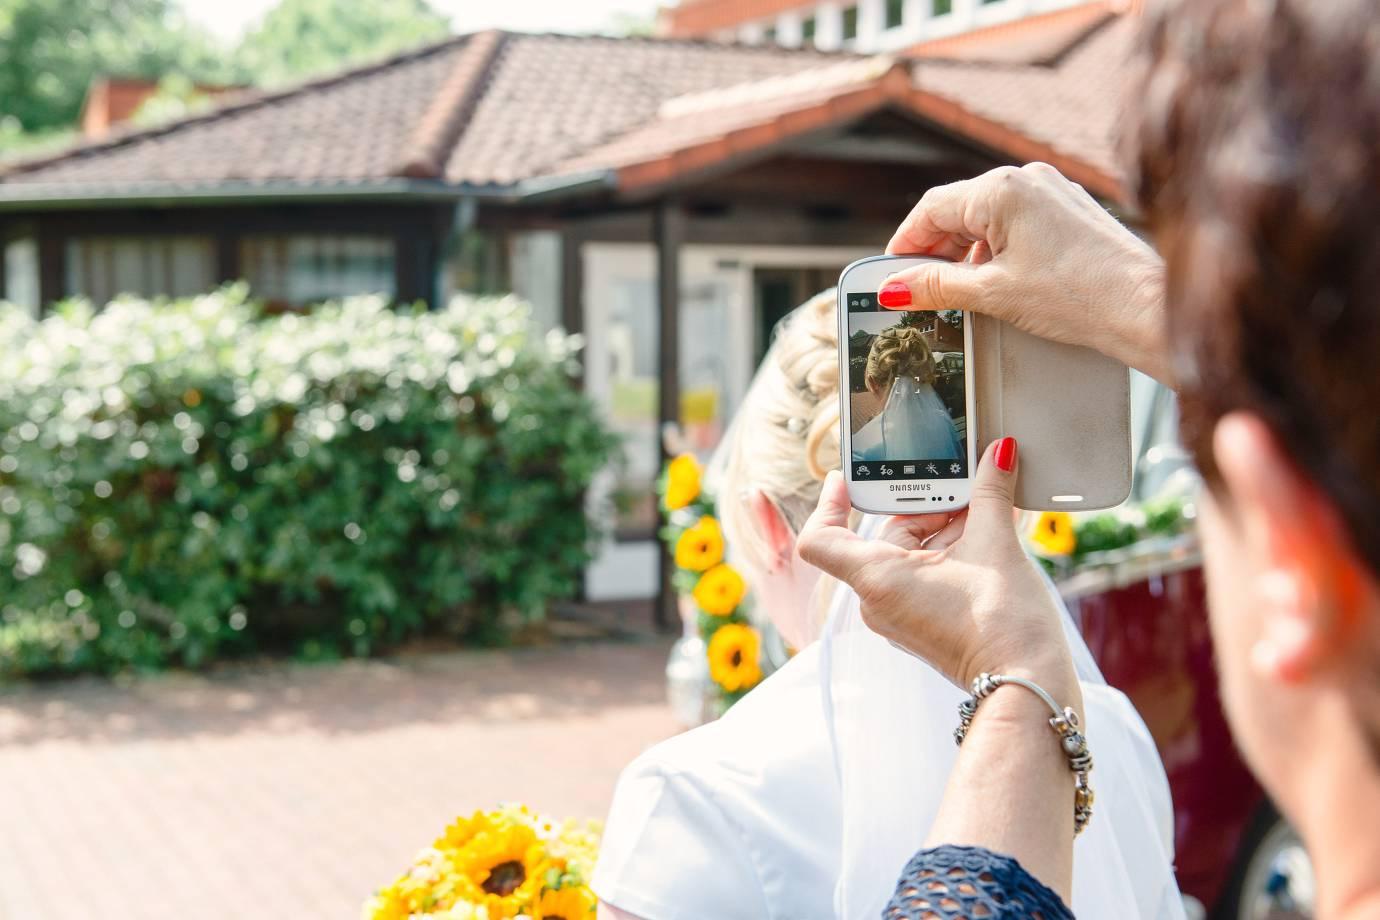 hochzeitsfotograf hambergen 118 - Iris+Sascha